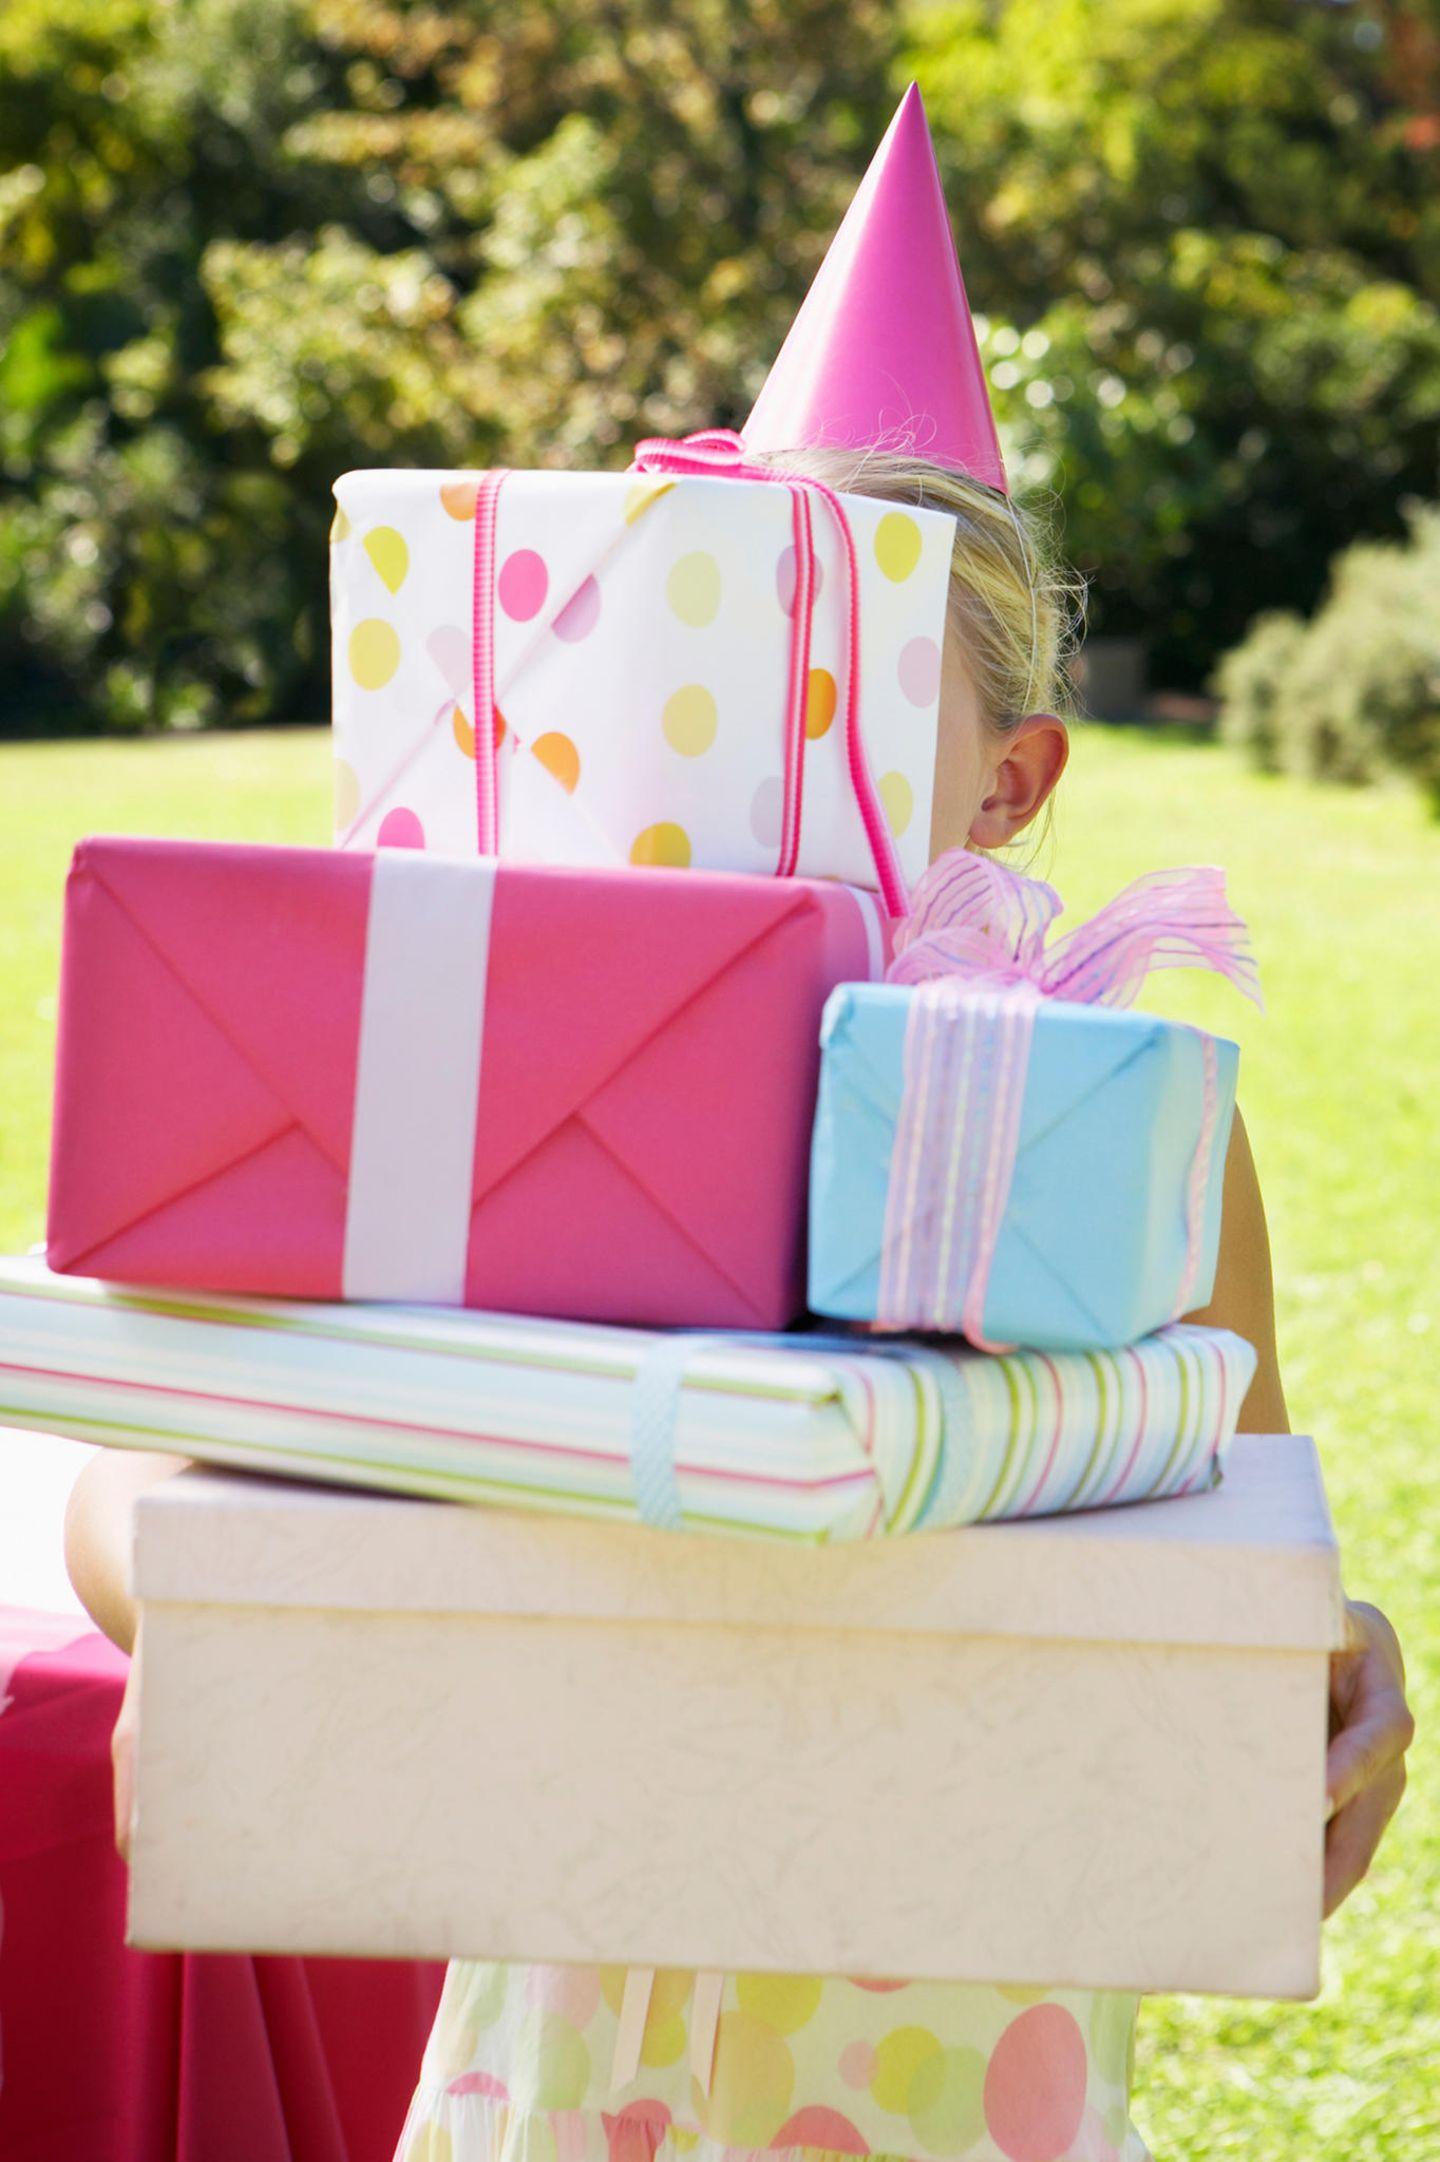 Geburtstagkisten sind praktisch, machen aber die Überraschung kaputt